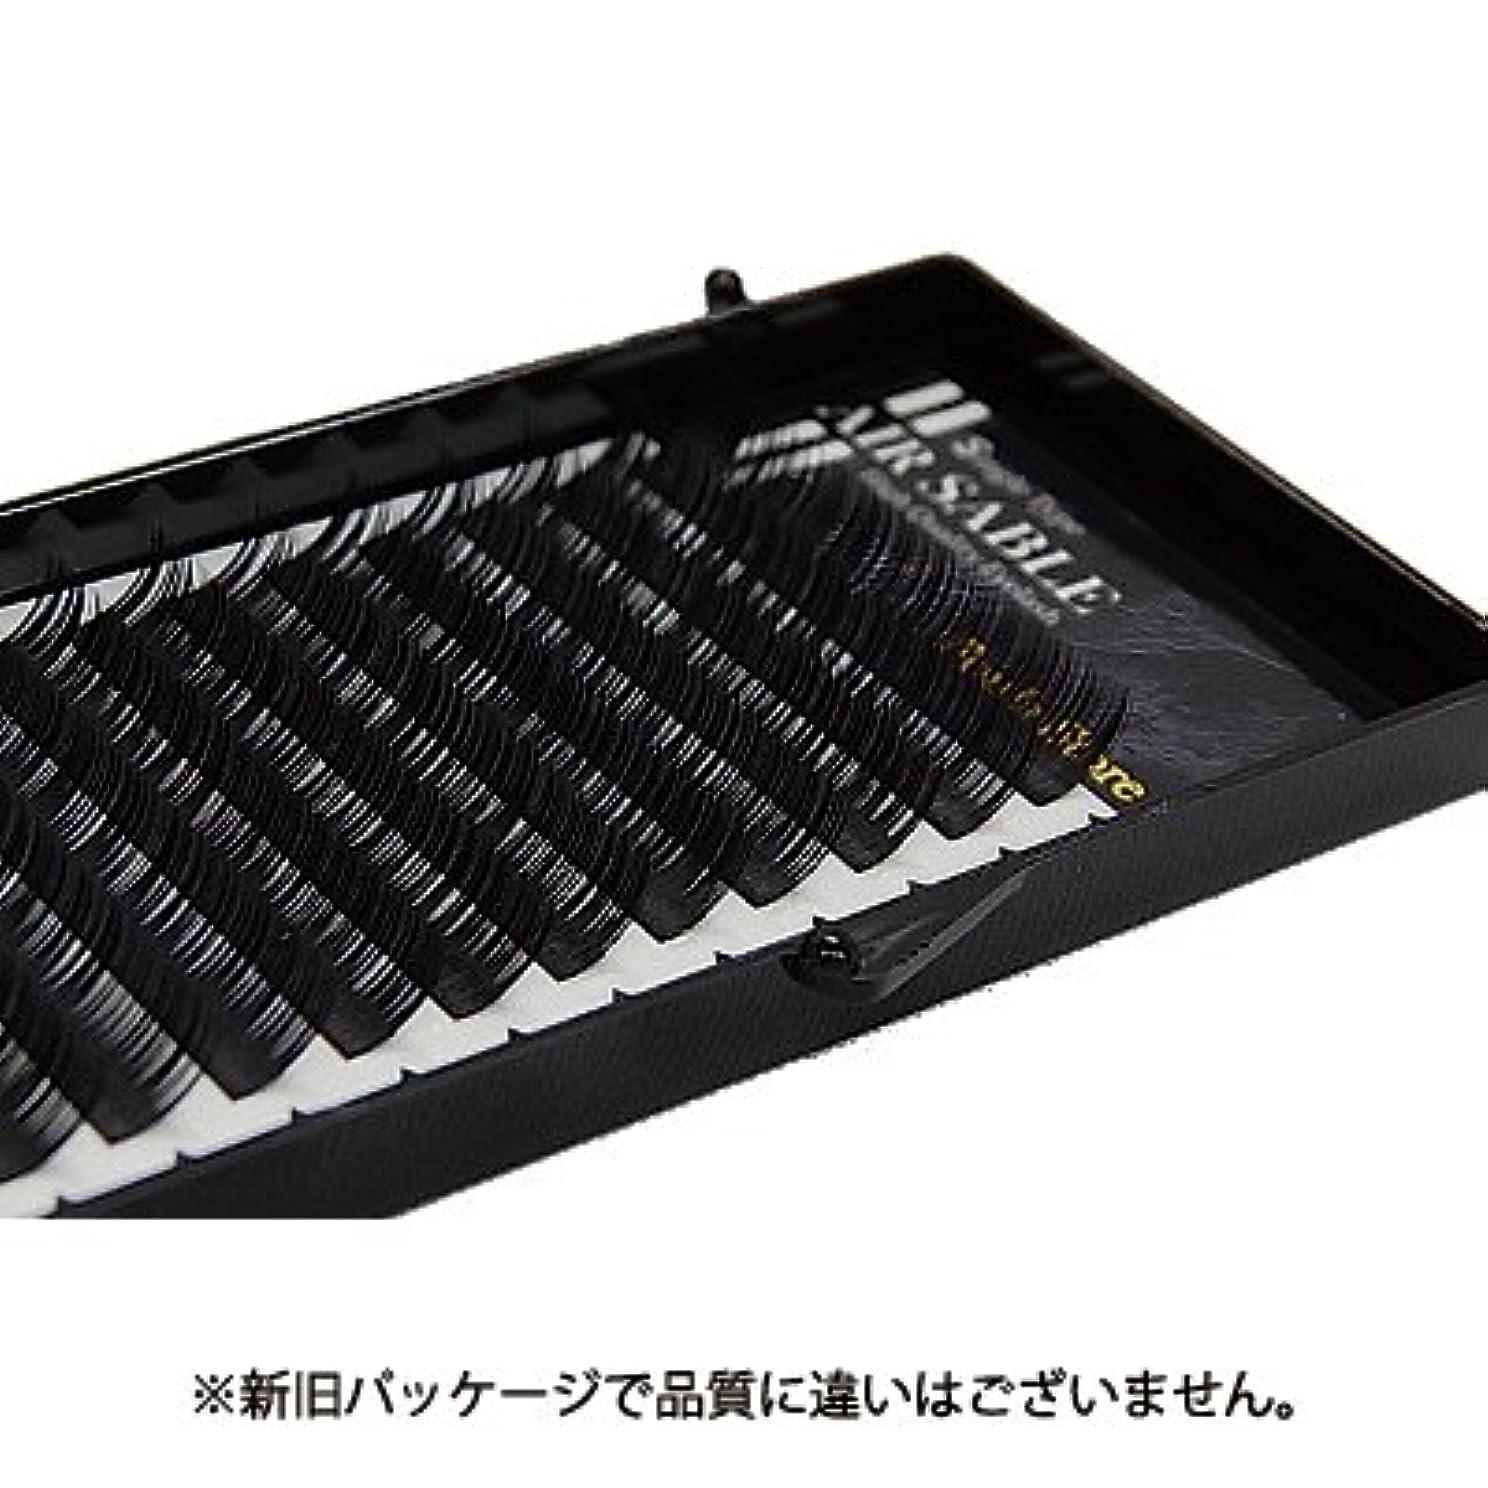 フレームワーク肥満引っ張る【フーラ】エアーセーブル シート 12列 Cカール 12mm×0.15mm